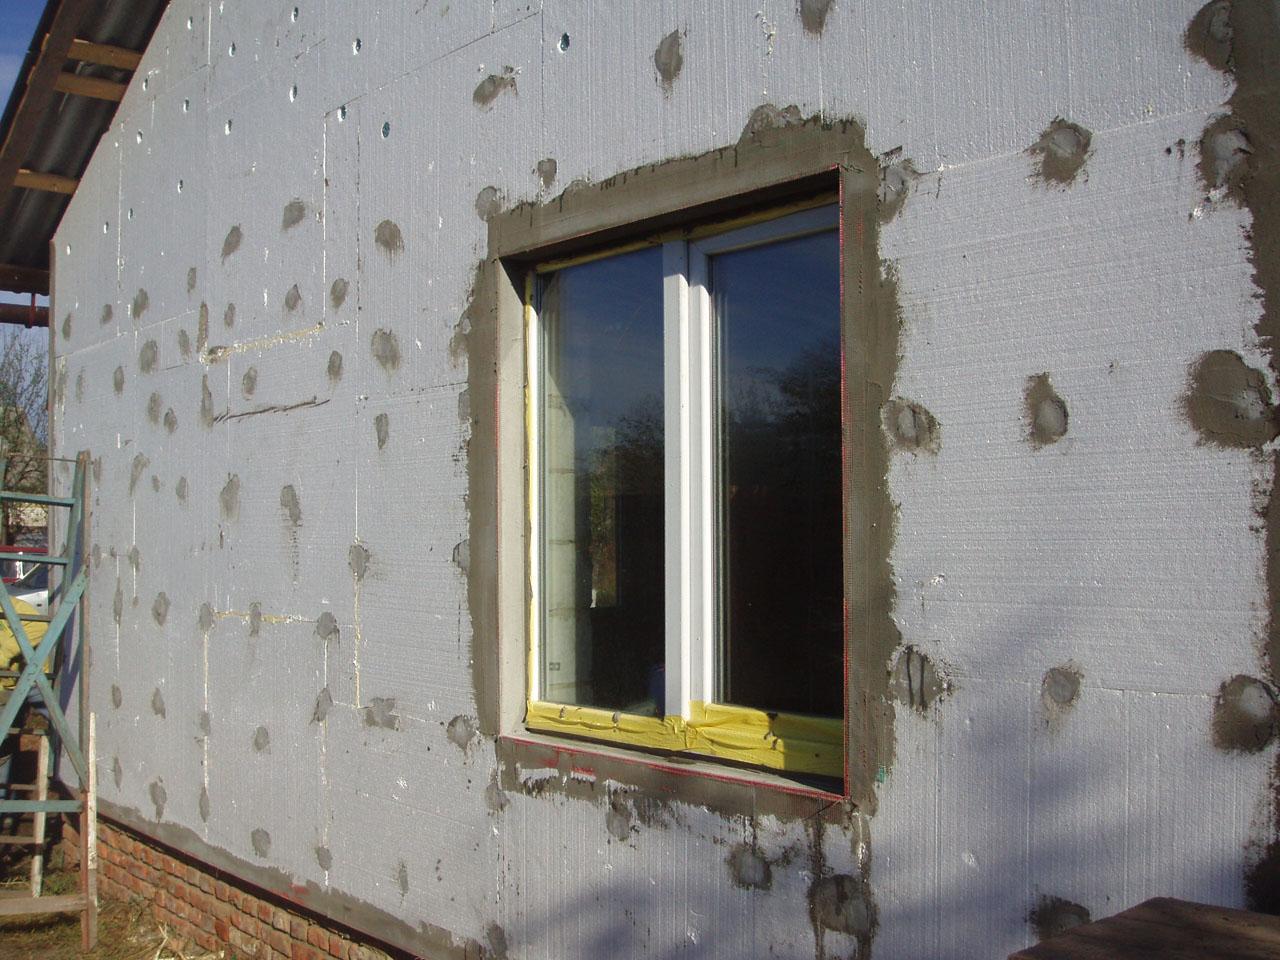 Фото: После выполнения всех видов работ, строение будет надежно защиту